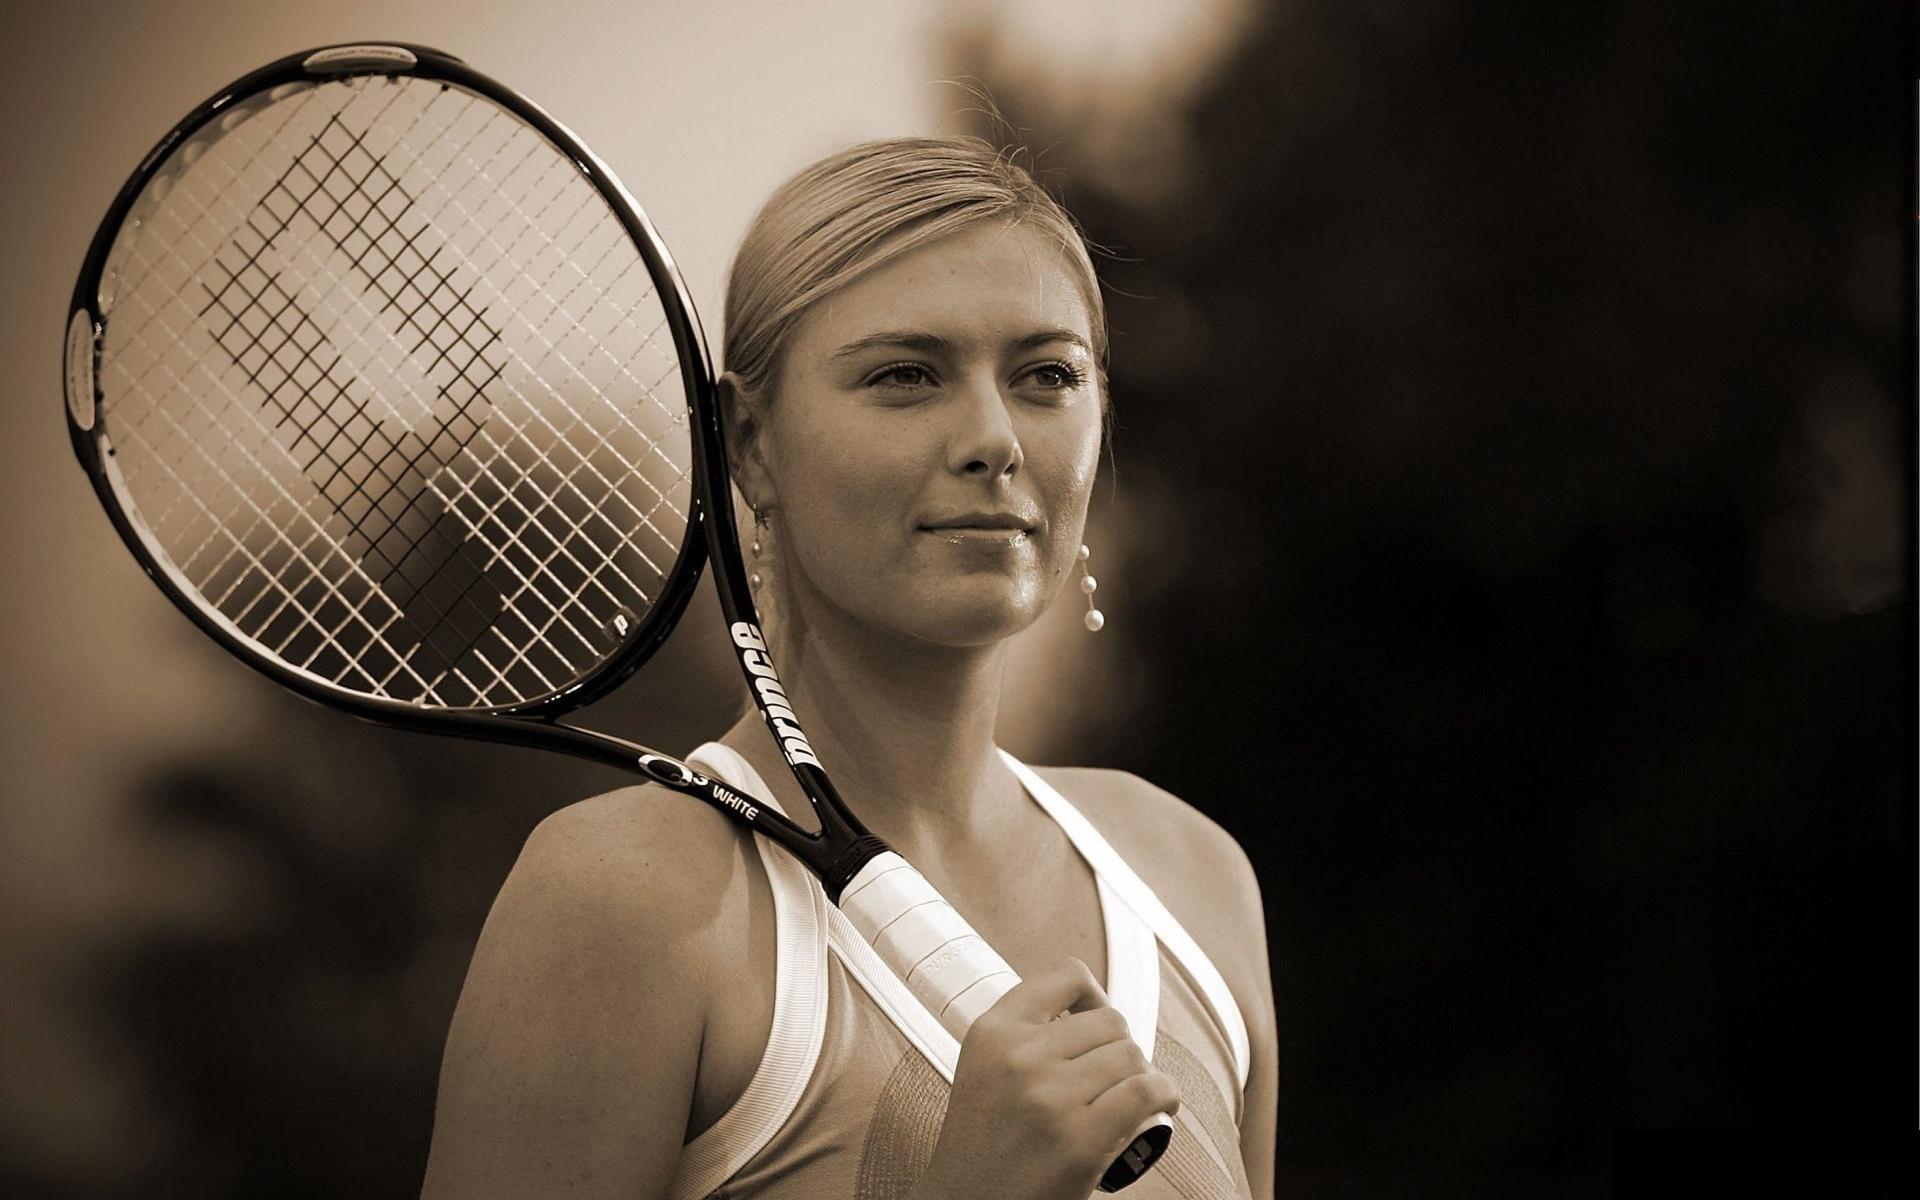 Maria-Sharapova-Black-and-White-Tennis-Wallpaper-HD.jpg (1920×1200)   Tennis    Pinterest   Sharapova tennis, Maria sharapova and Tennis